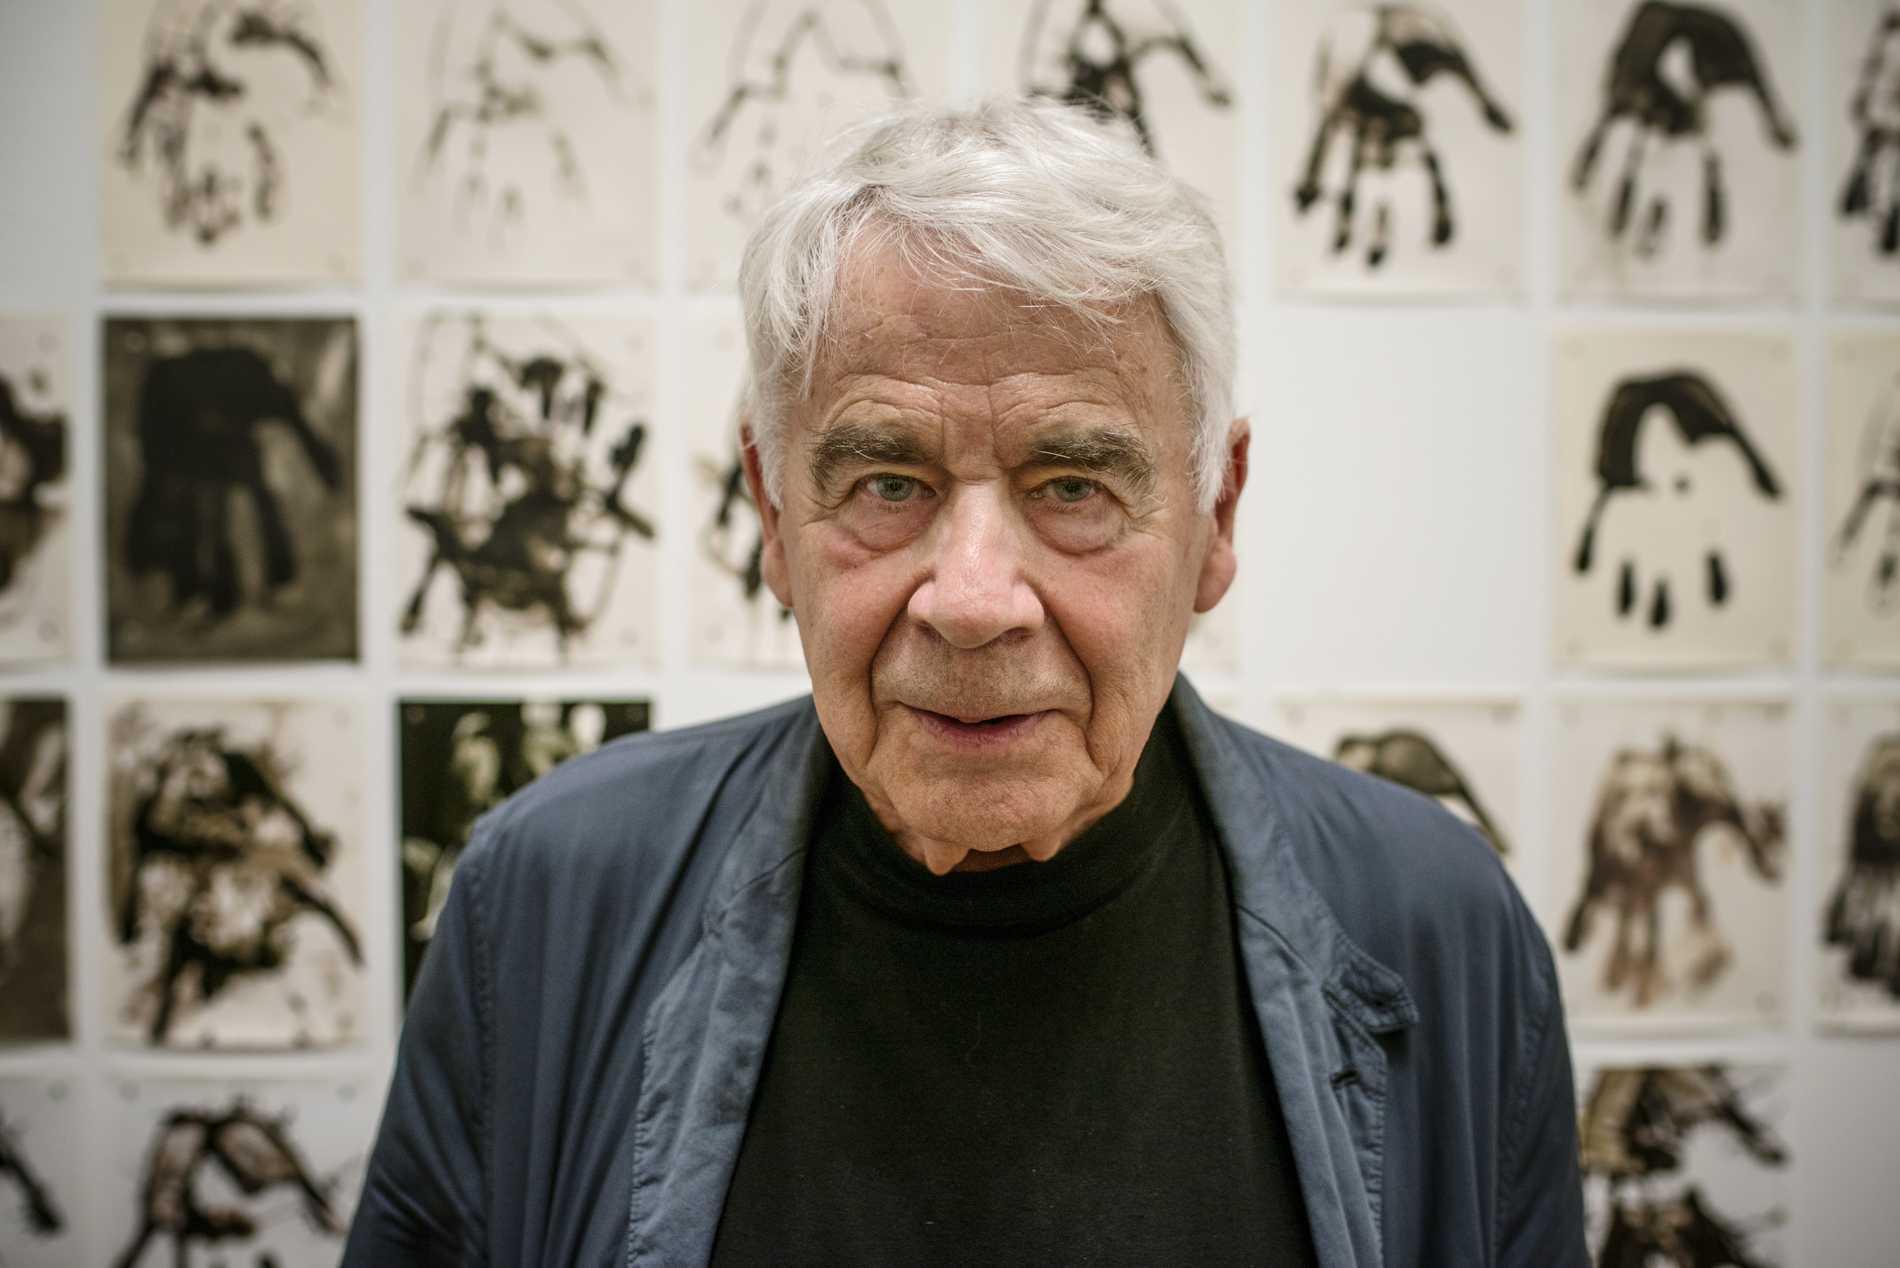 """Gunnar Smoliansky i samband med utställningen """"Moment"""" 2013 på Moderna museet. Han blev 86 år."""